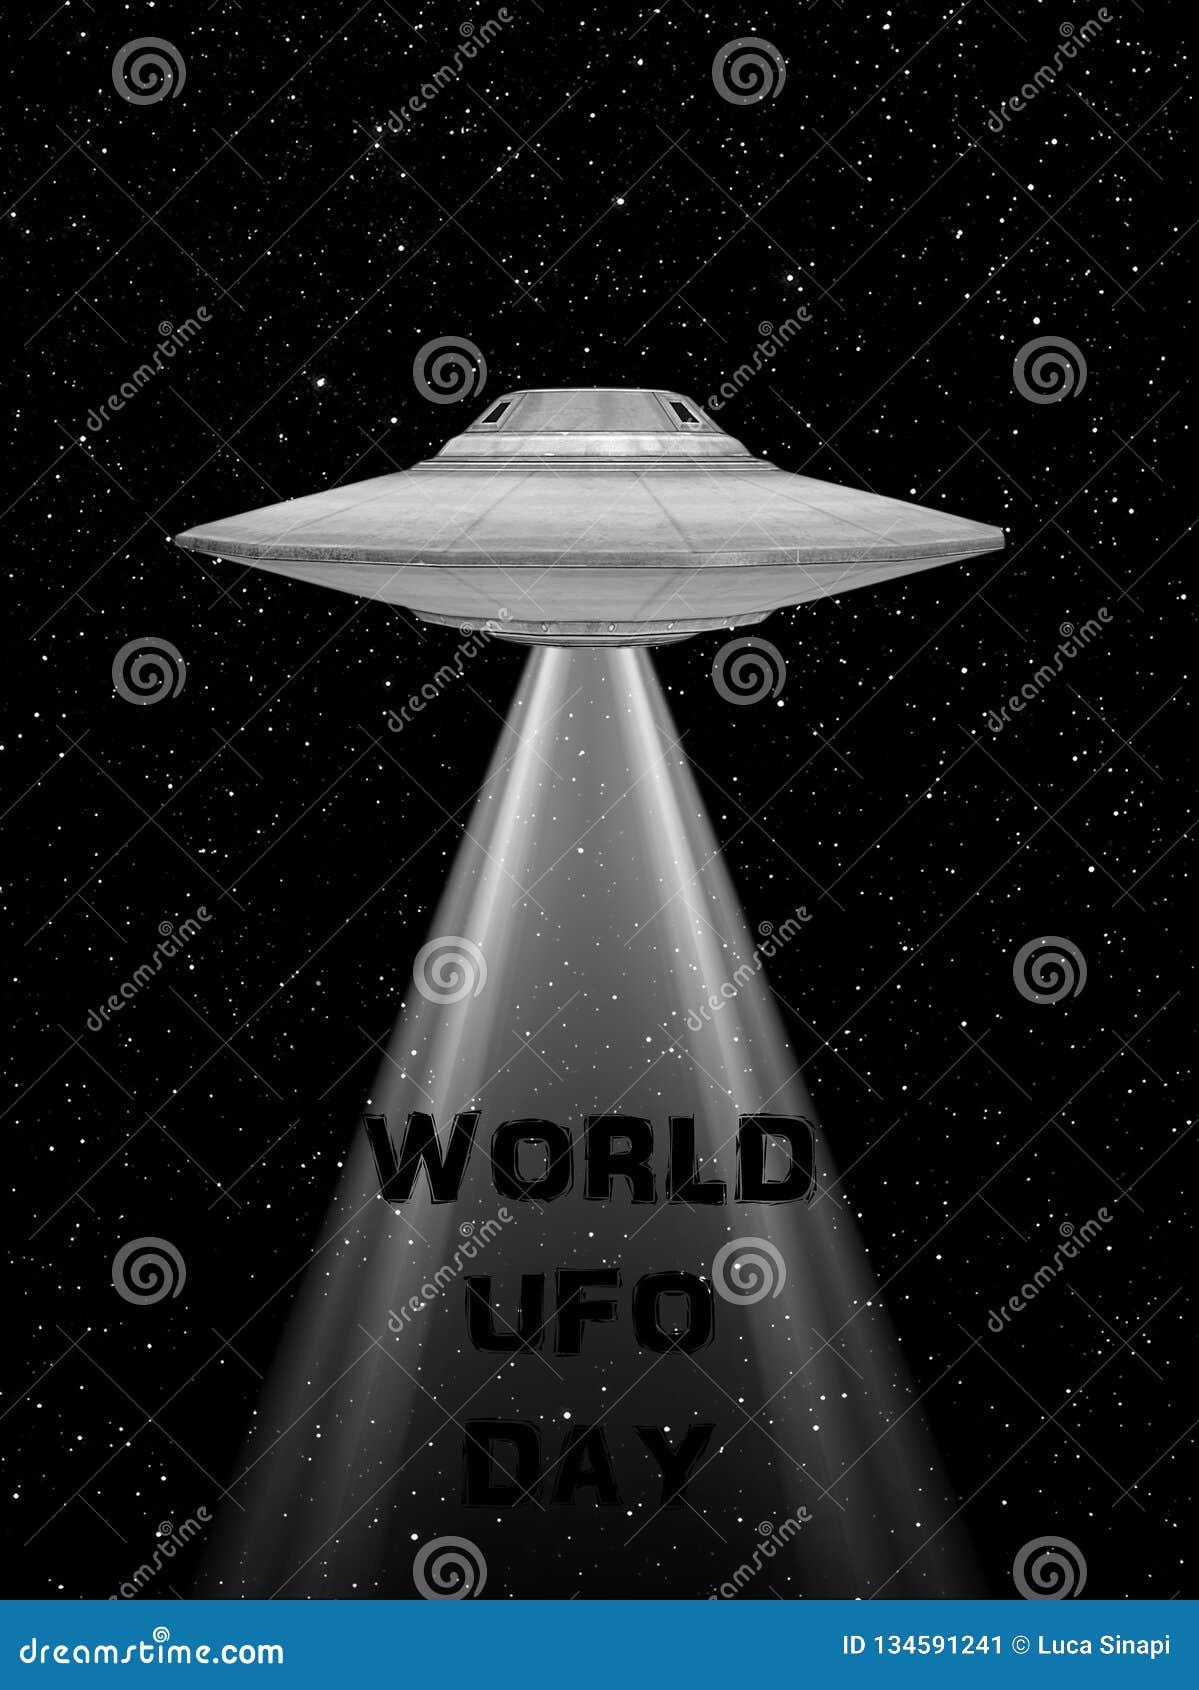 飞碟飞行太空飞船 世界飞碟天 飞碟 与光的rappresentation和飞碟